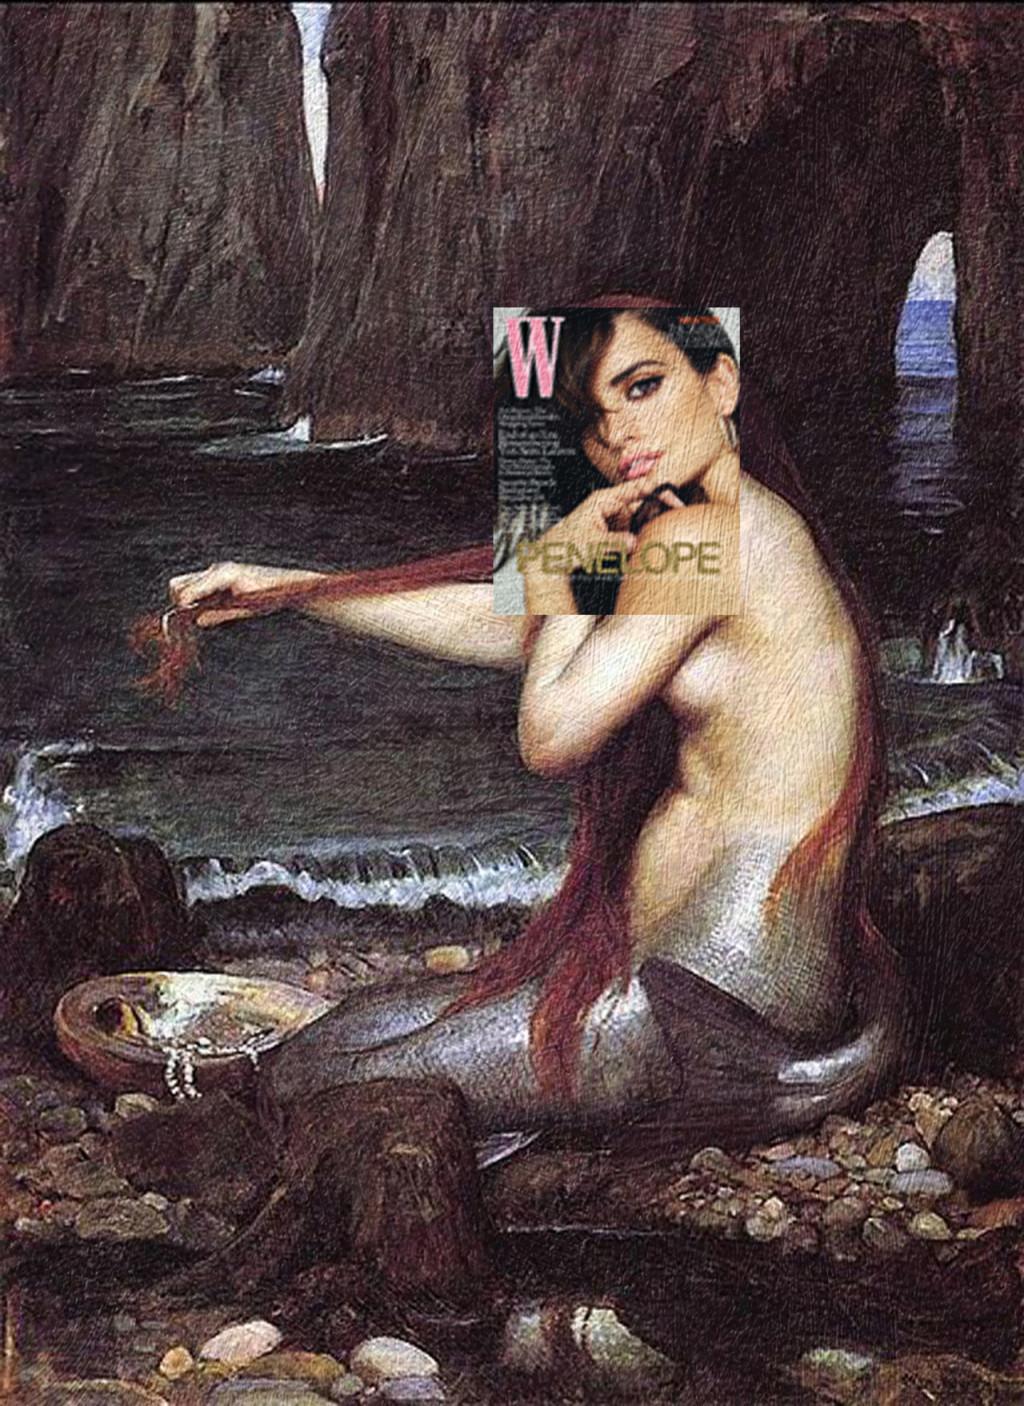 Penelope and mermaid.